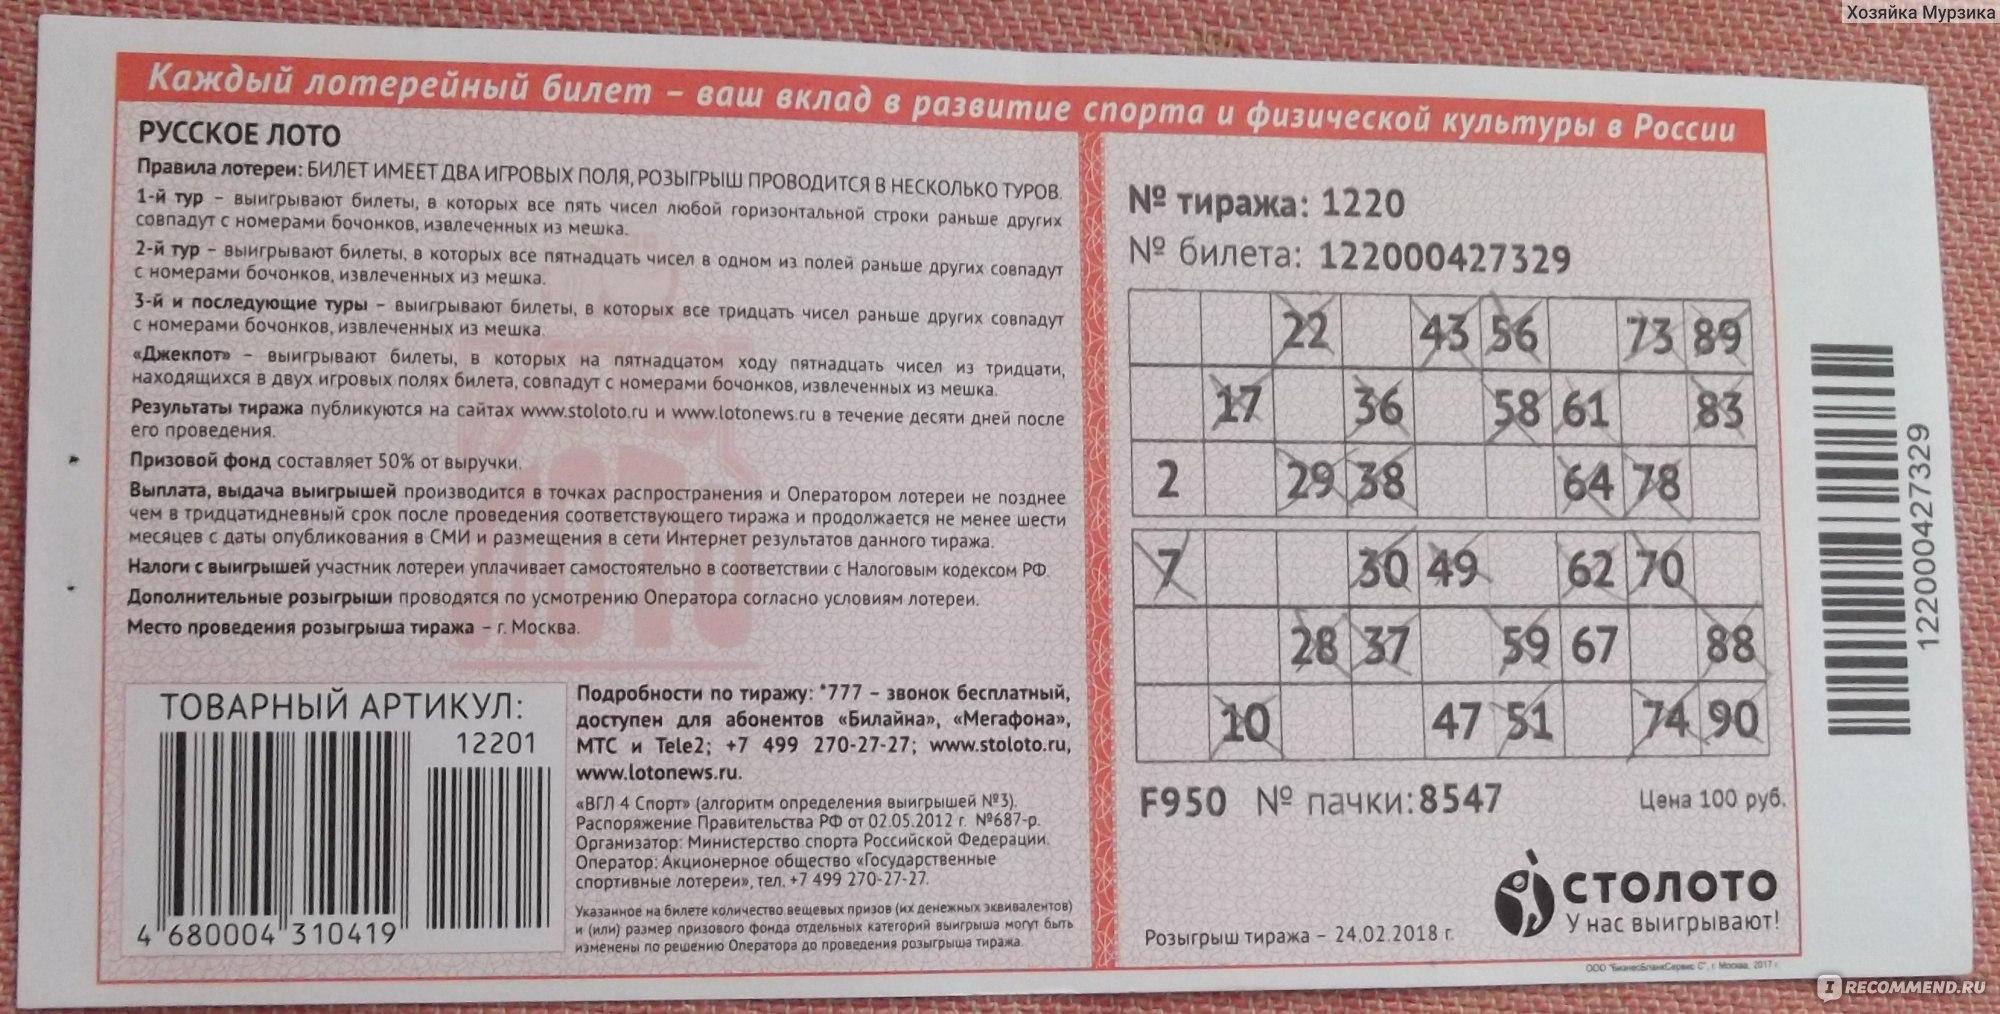 Сколько стоит и где можно купить лотерейный билет?